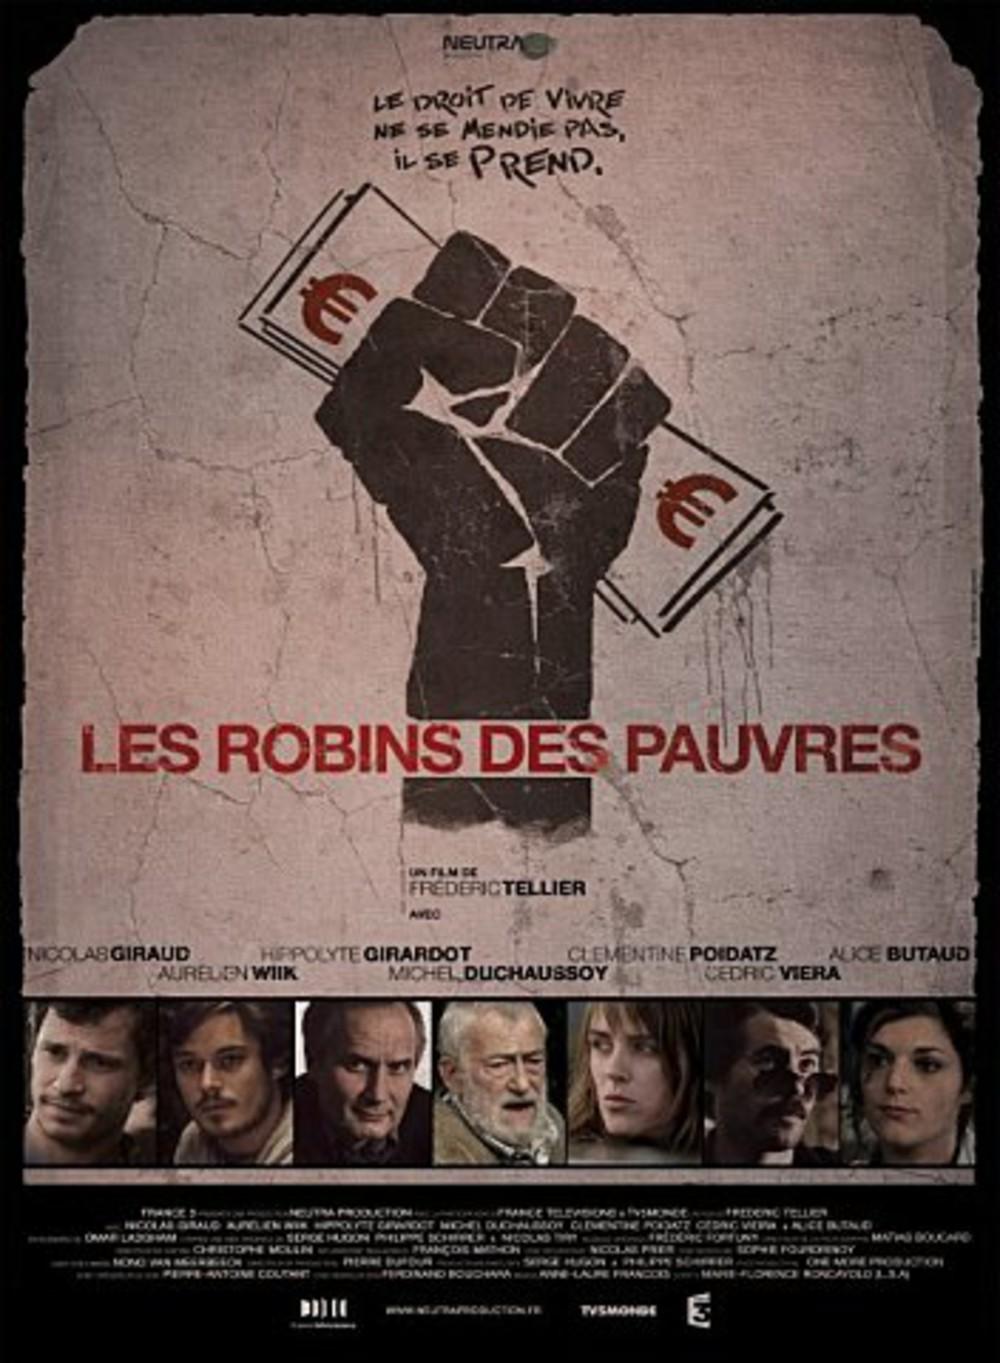 Les robins des pauvres (2011)